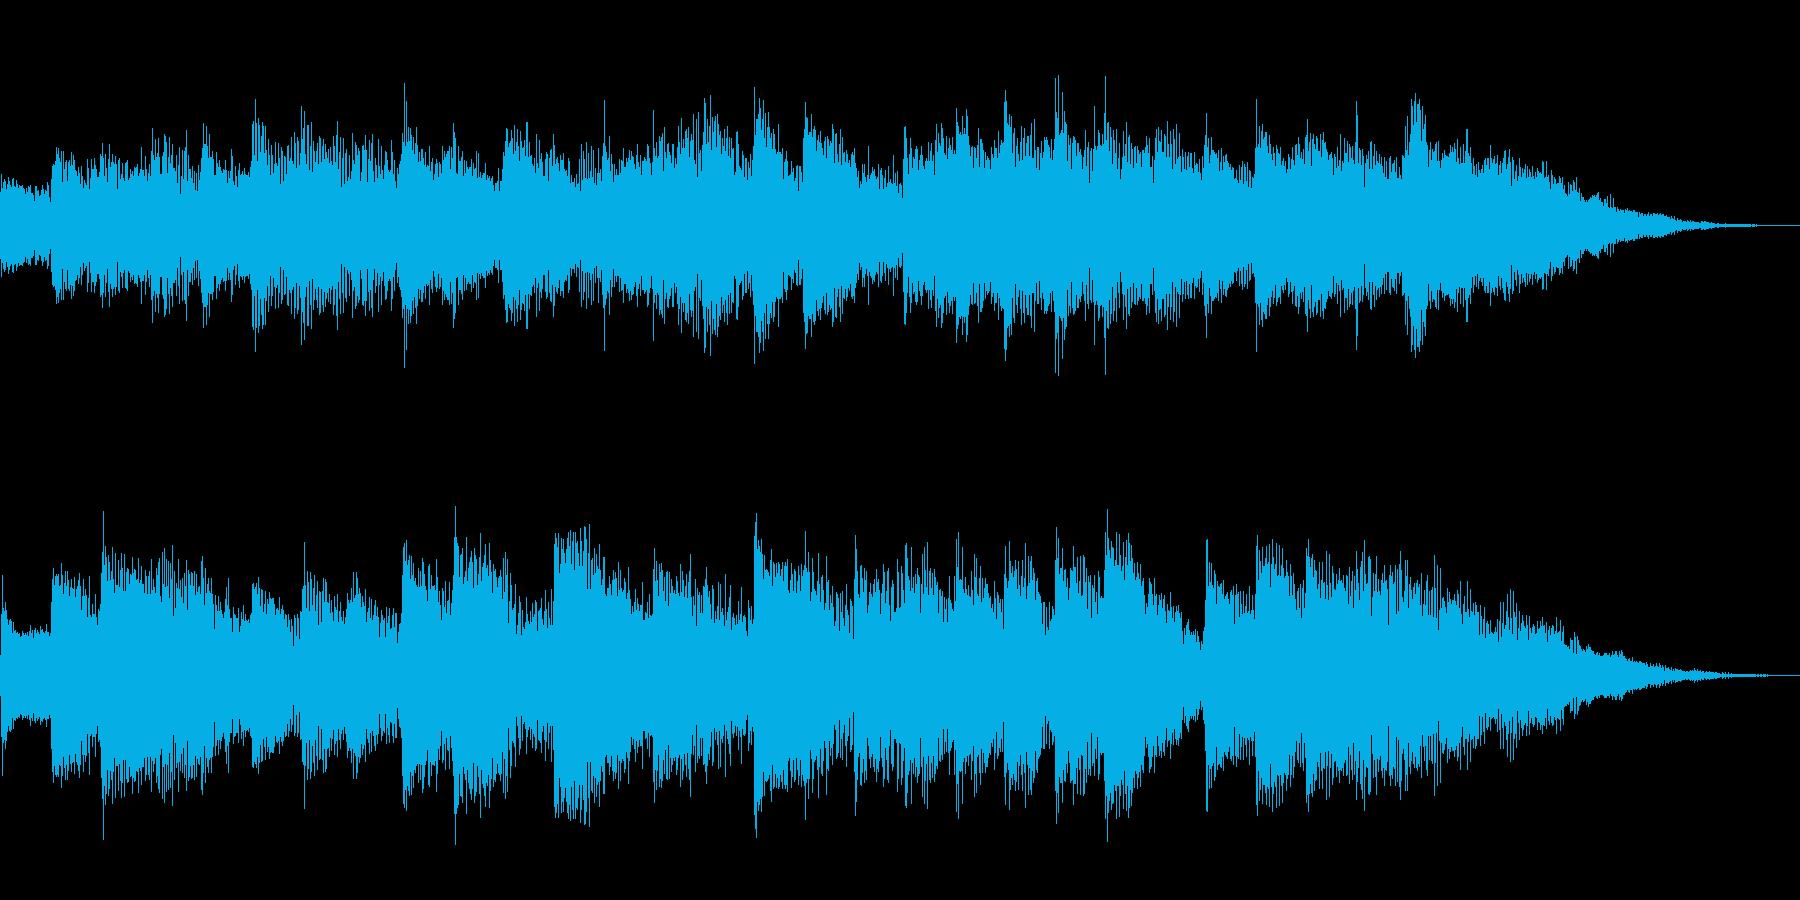 朝の目覚めをイメージする15秒のBGMの再生済みの波形